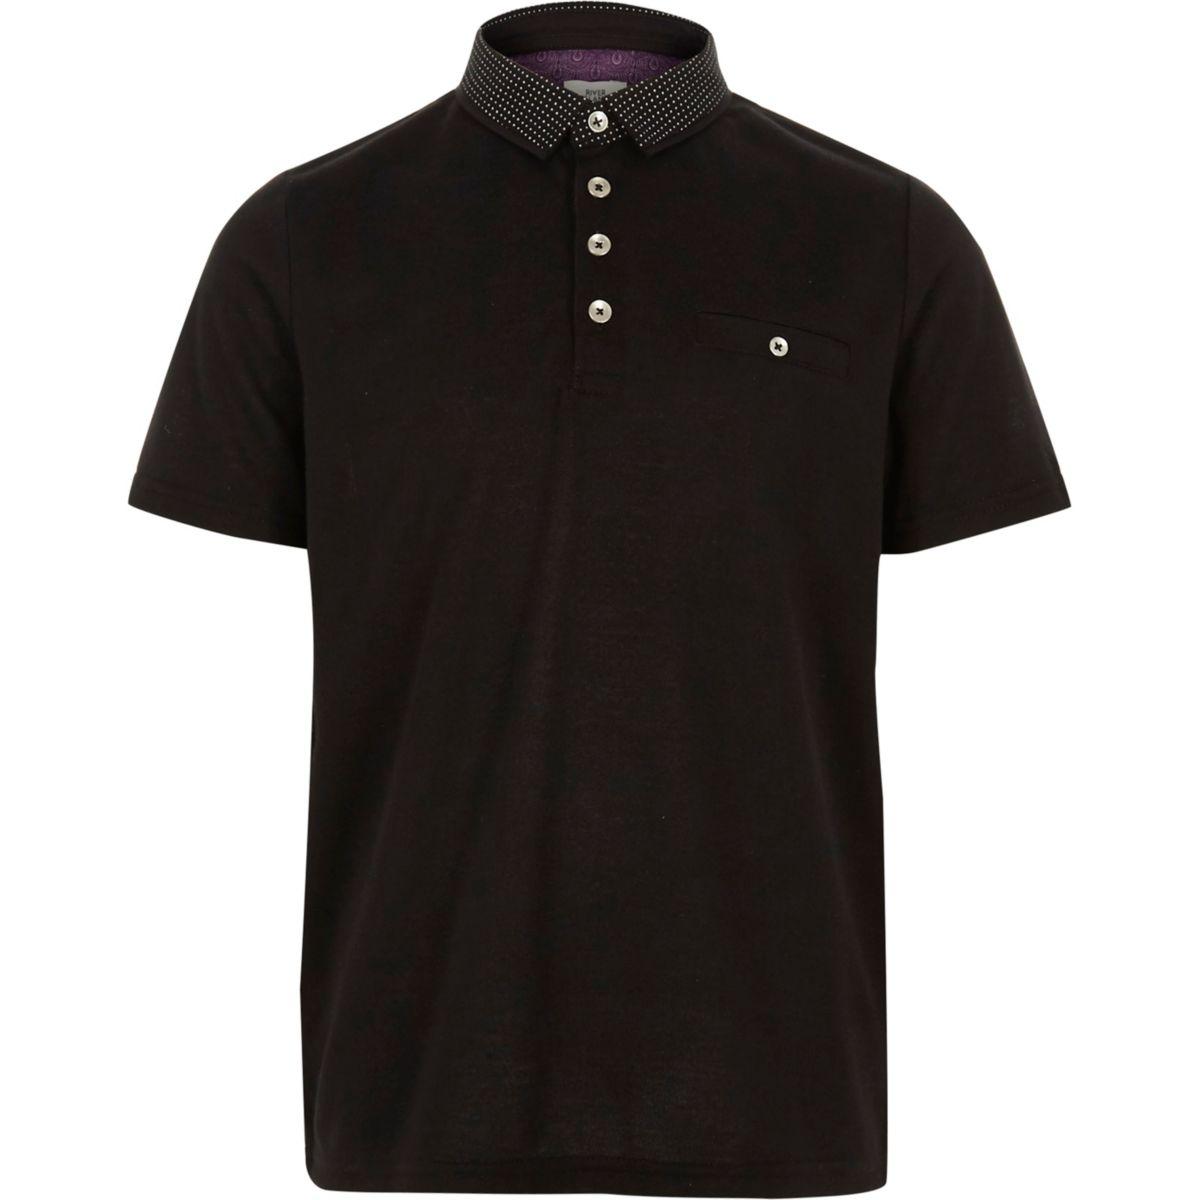 Boys black polka dot collar polo shirt